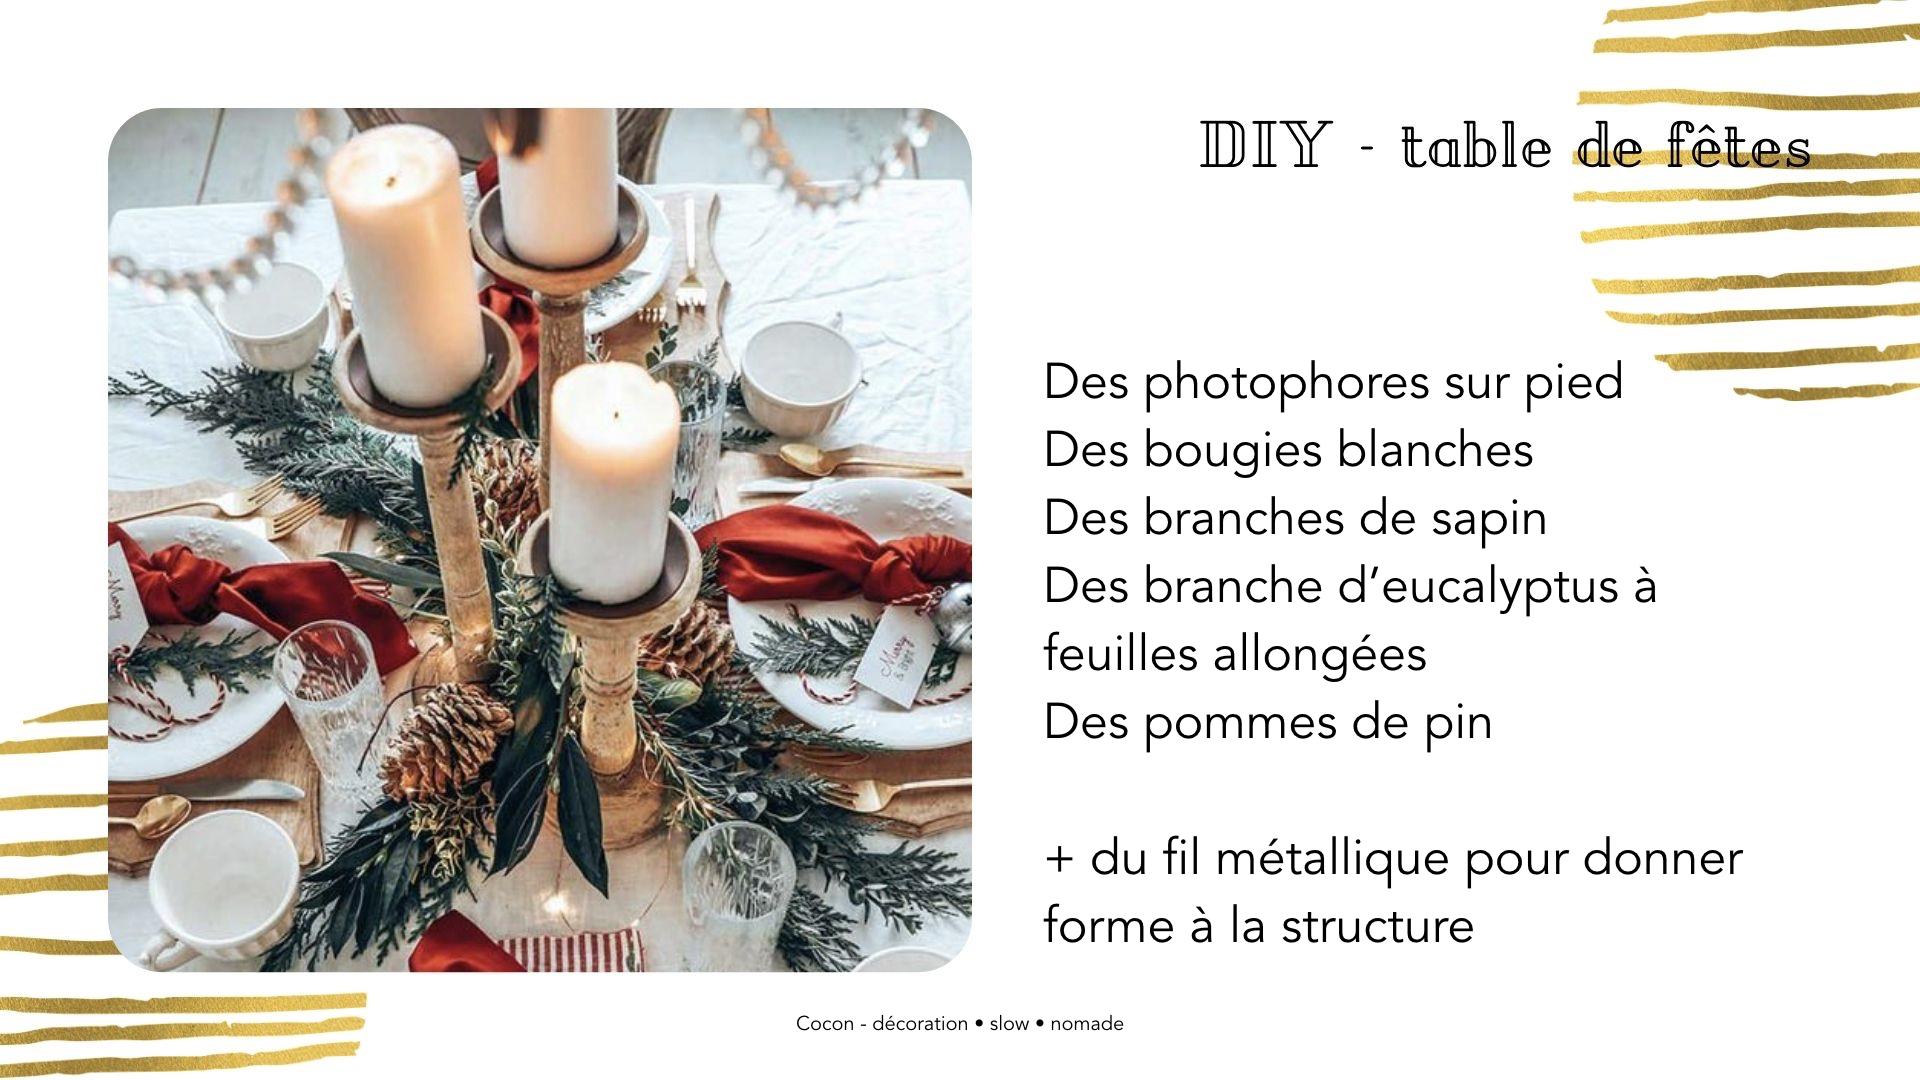 DIY centre de table noel photophore sur pied + branche sapin + pomme de pin